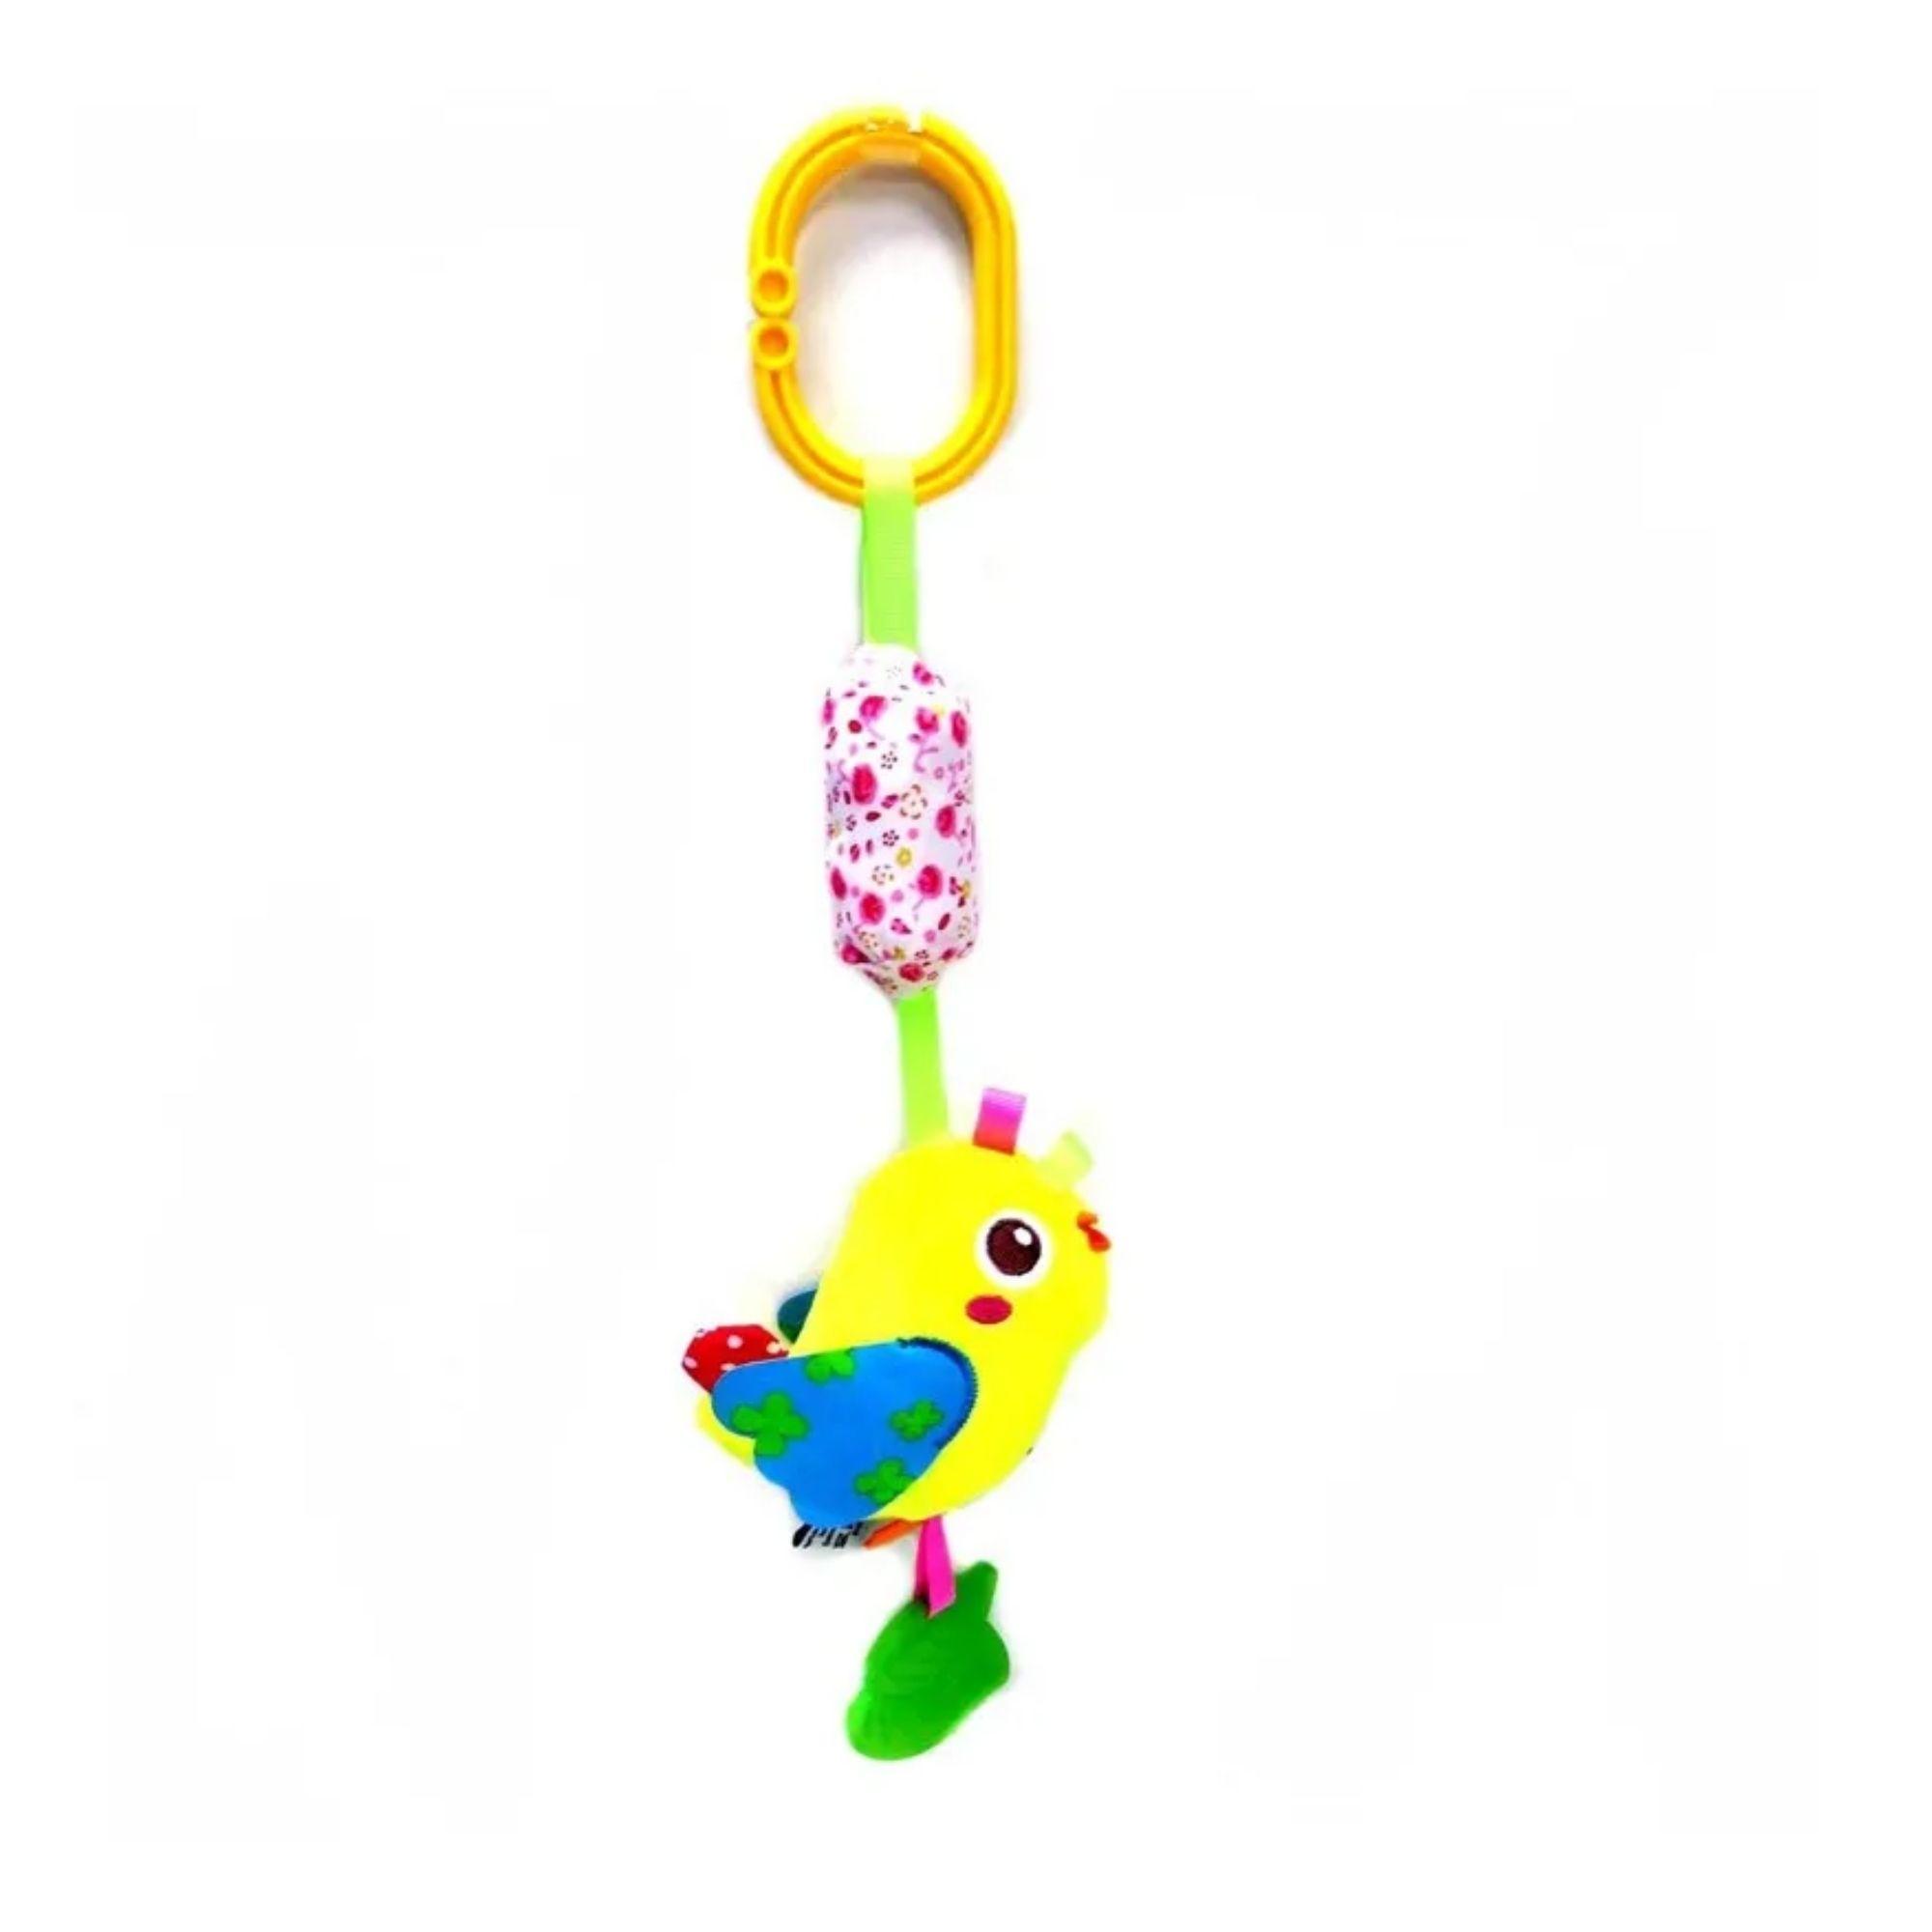 Móbile Chocalho Mordedor Passarinho Love com Atividades  - Game Land Brinquedos